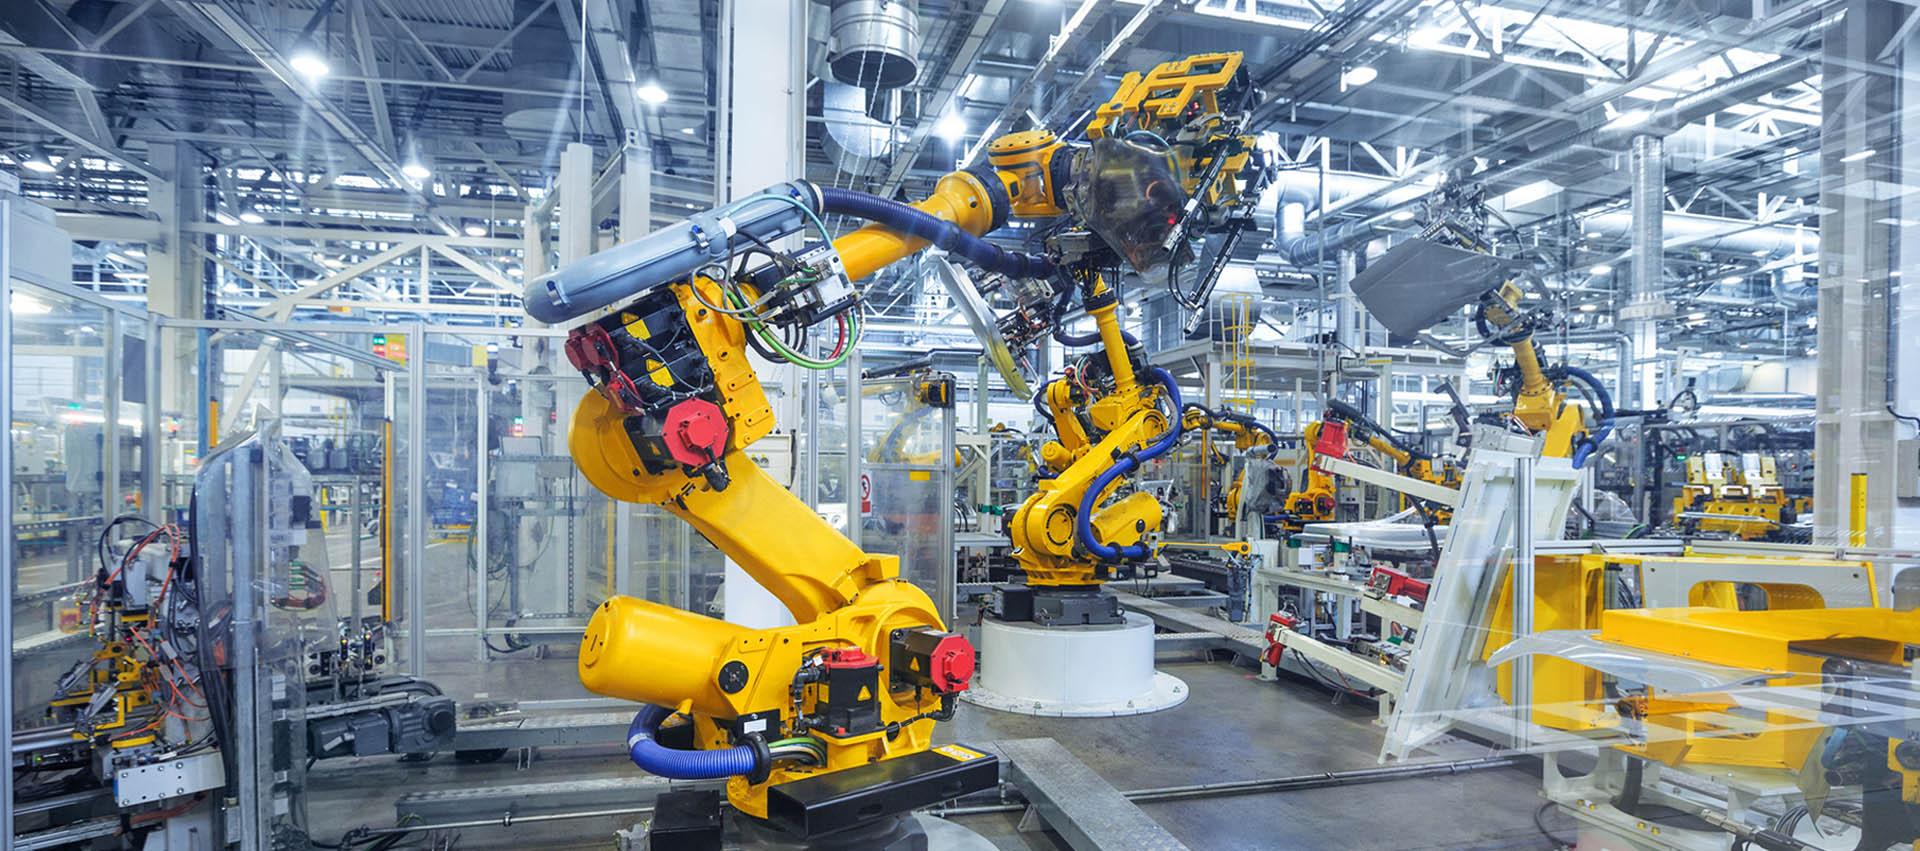 日歐的機器人技術領先于中國大陸?